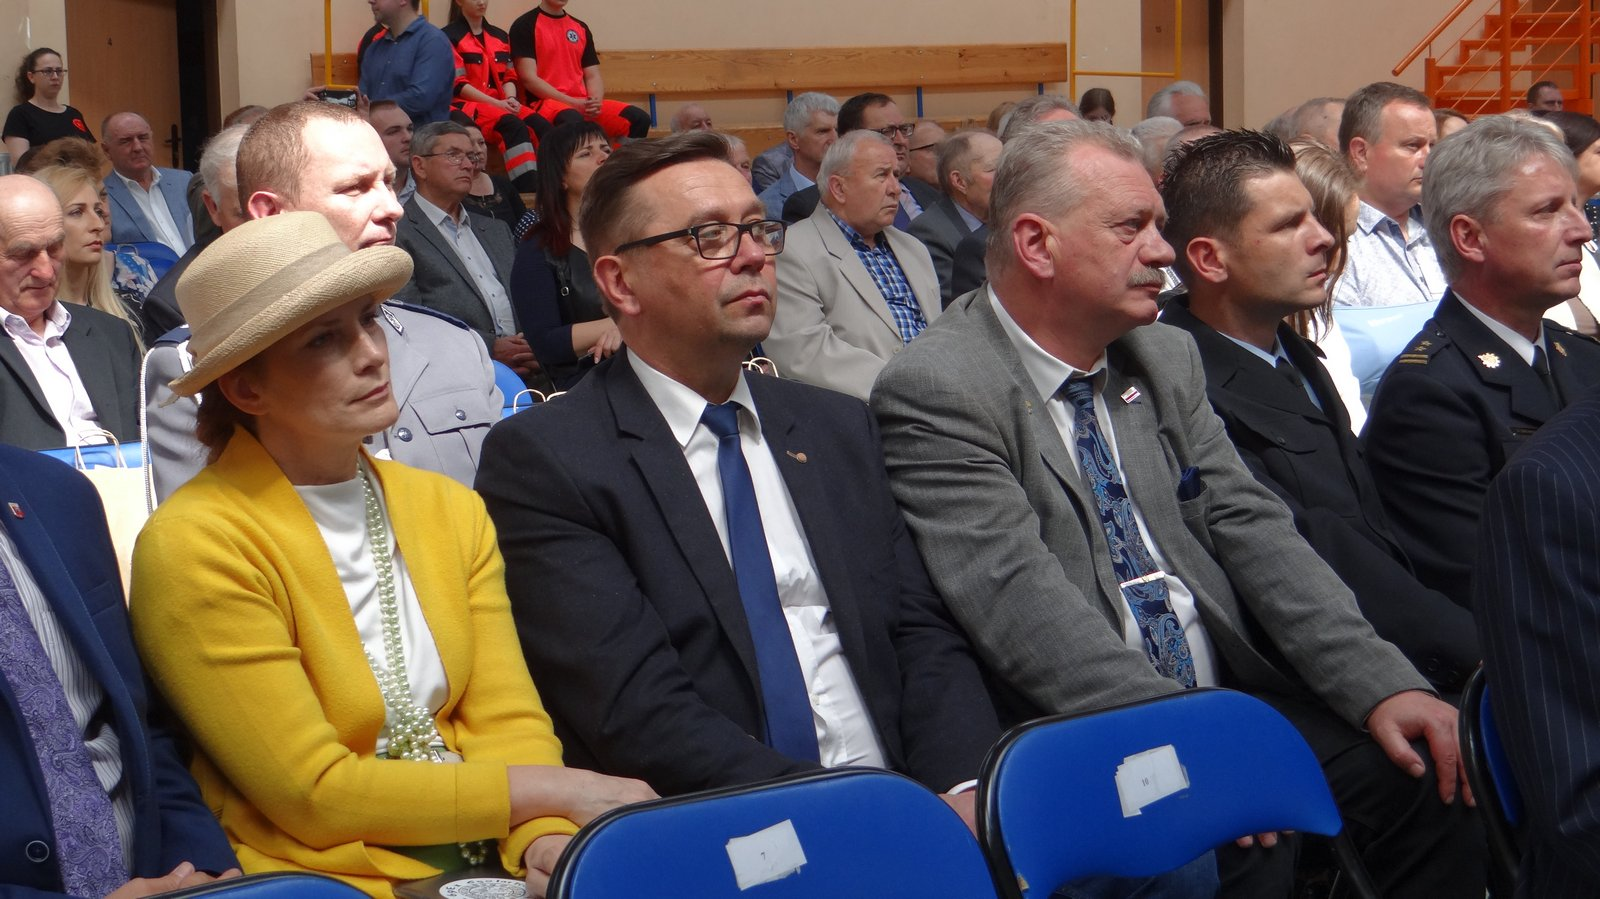 dsc09464 - Wielkopolska zaradność i pracowitość doceniona na Forum Wielkopolskiej Wsi Europejskiej